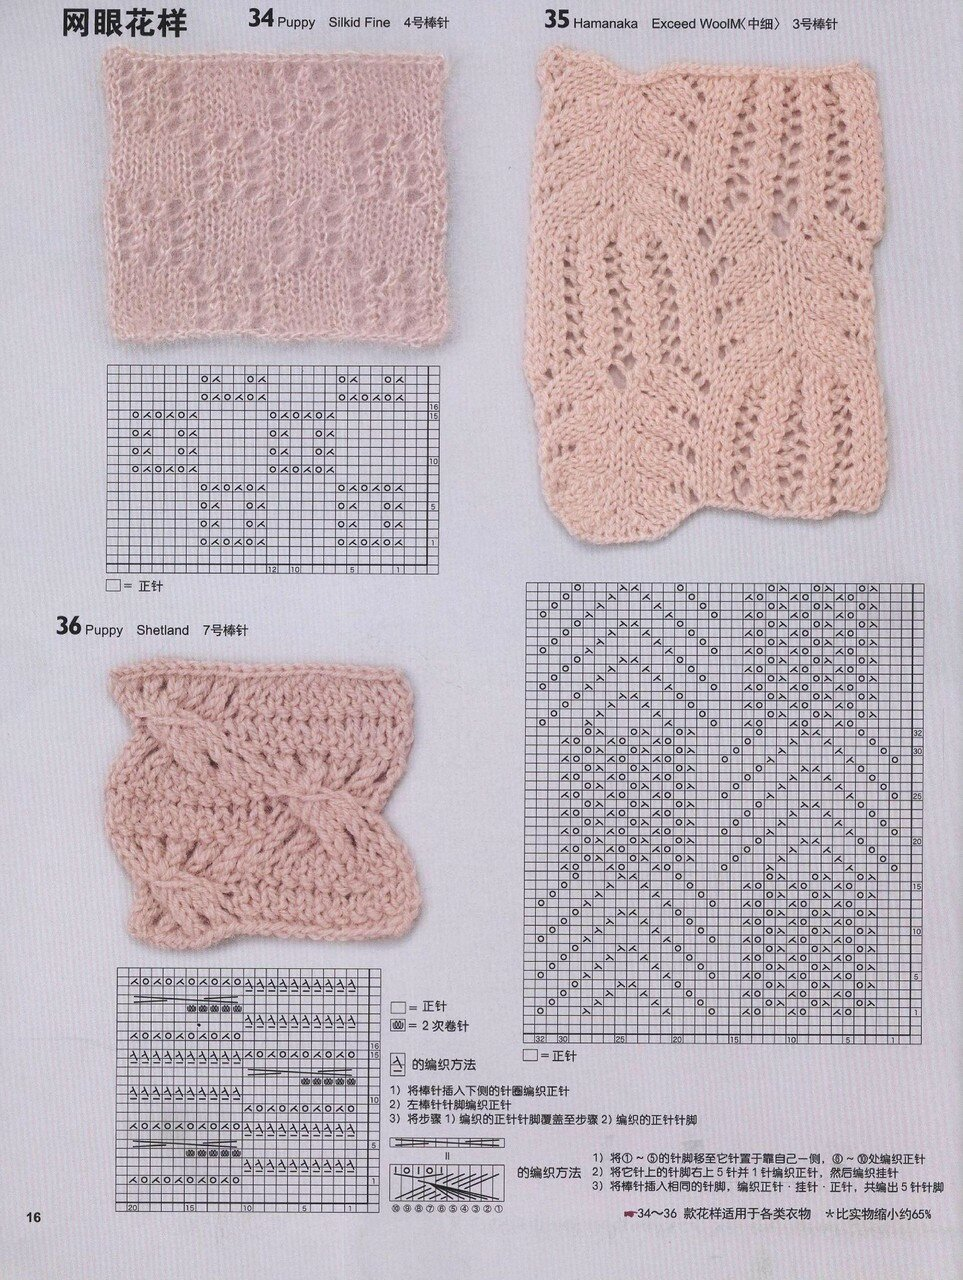 150 Knitting_18.jpg